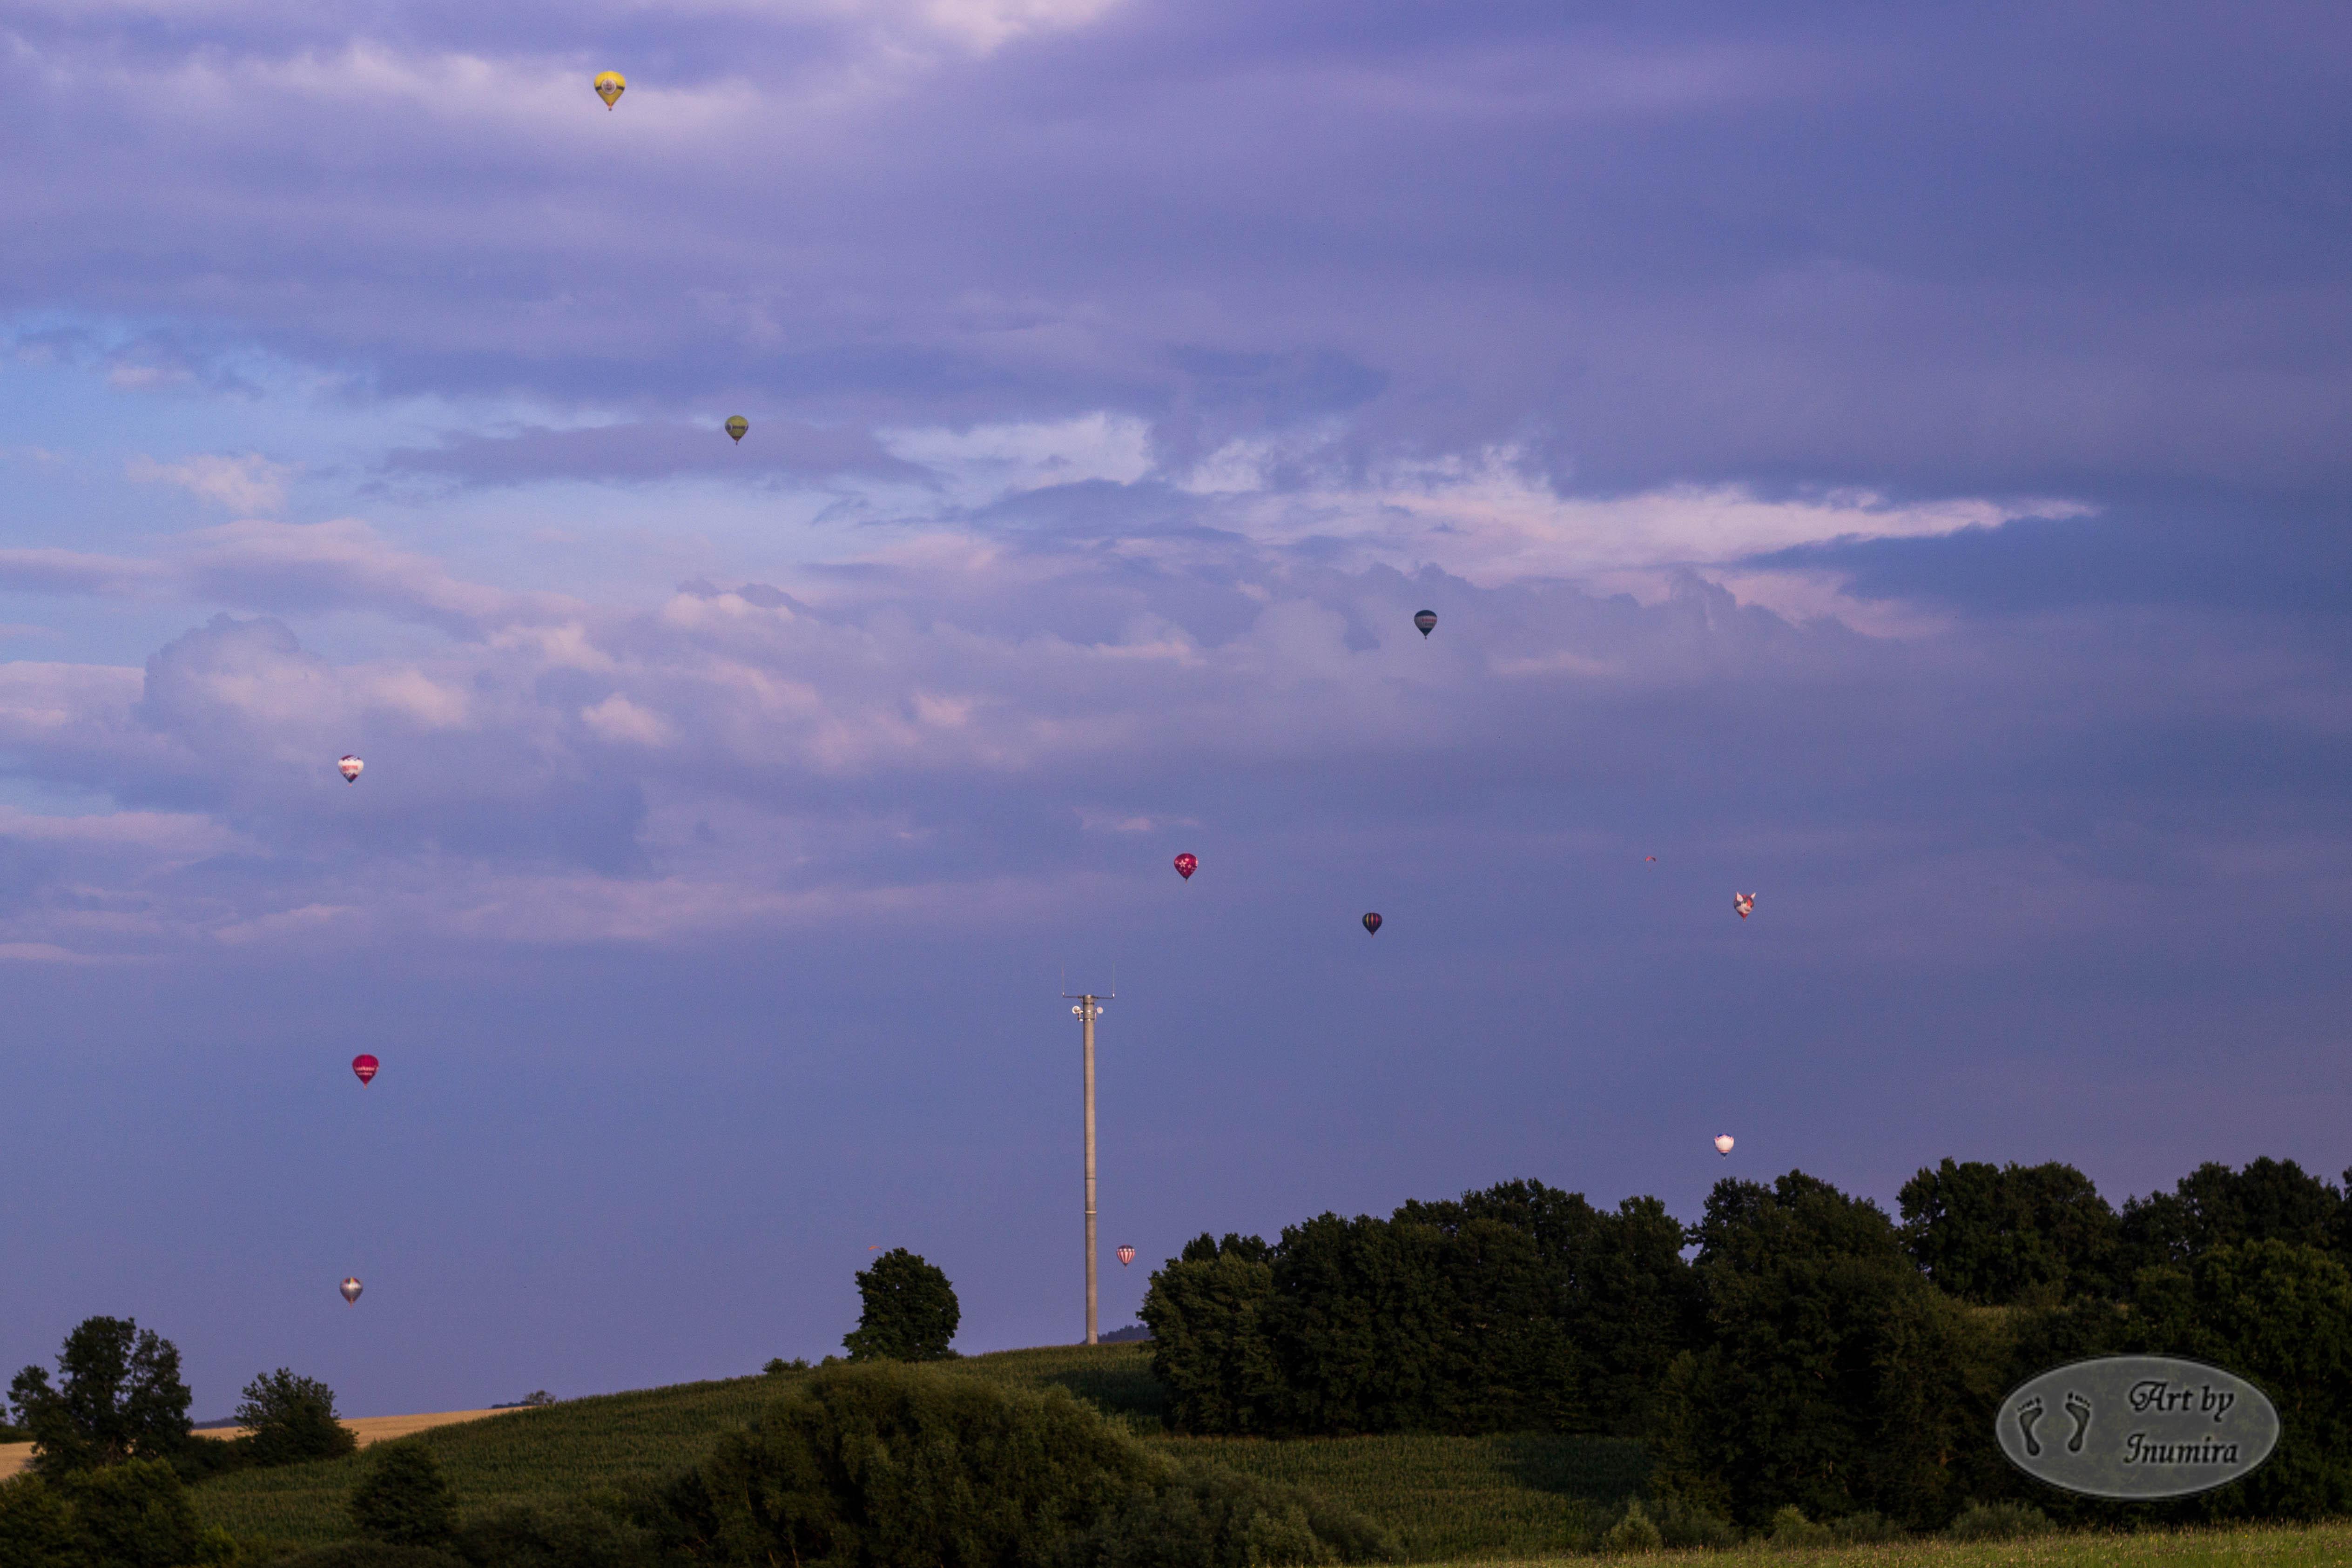 Ballons-vorher